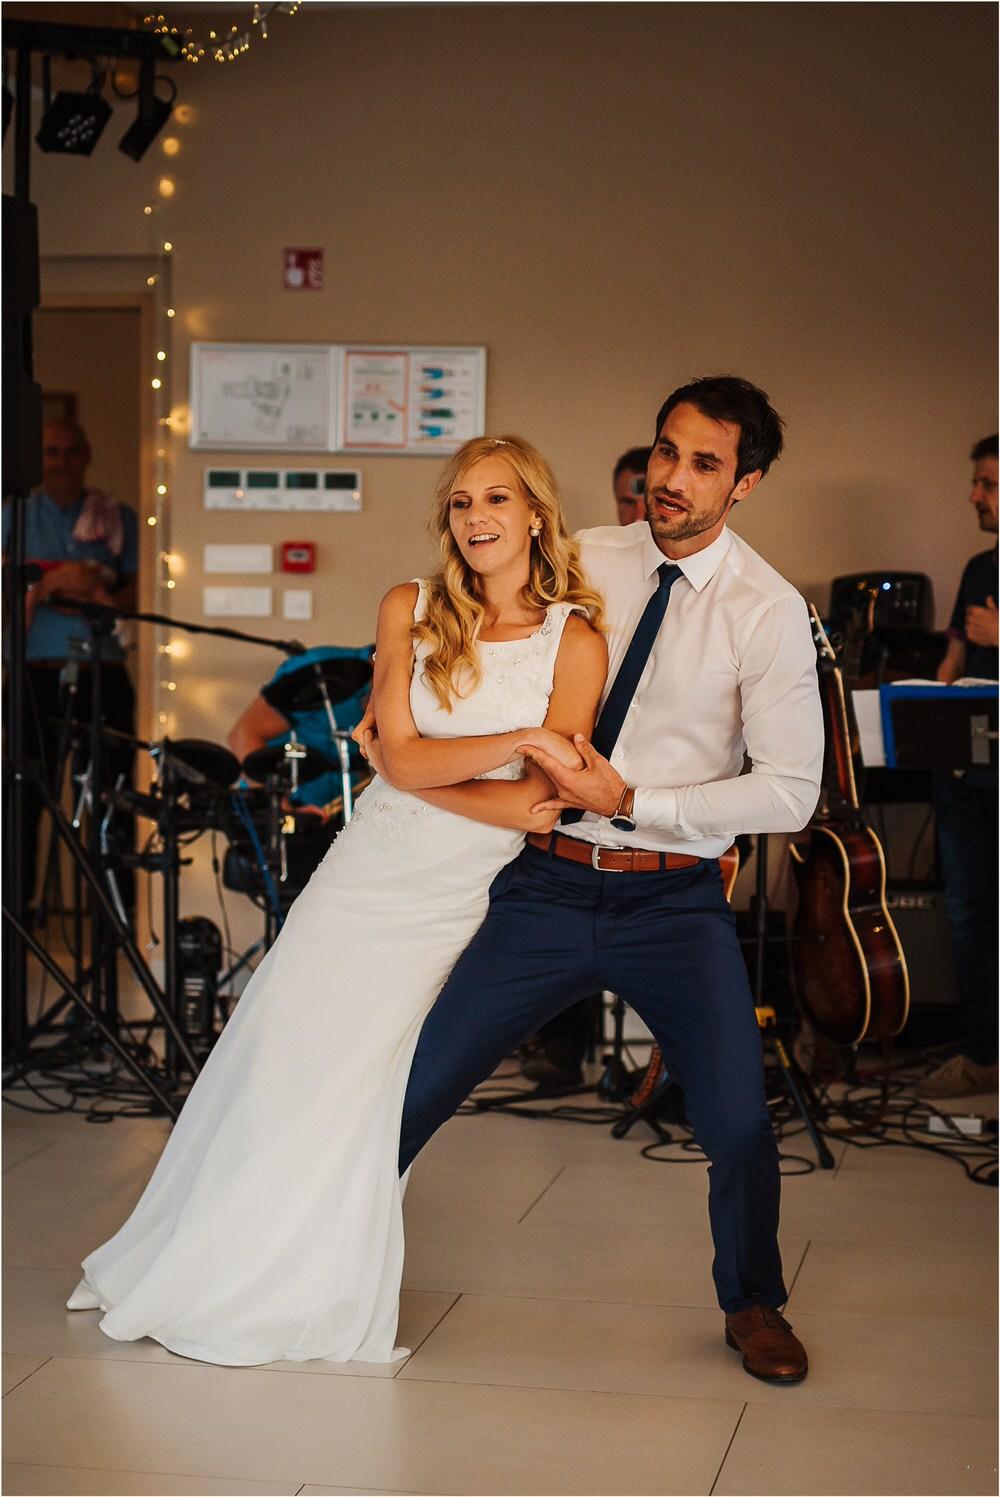 tri lucke slovenija krsko posavje poroka porocni fotograf fotografiranje elegantna poroka vinograd classy elegant wedding slovenia 0085.jpg